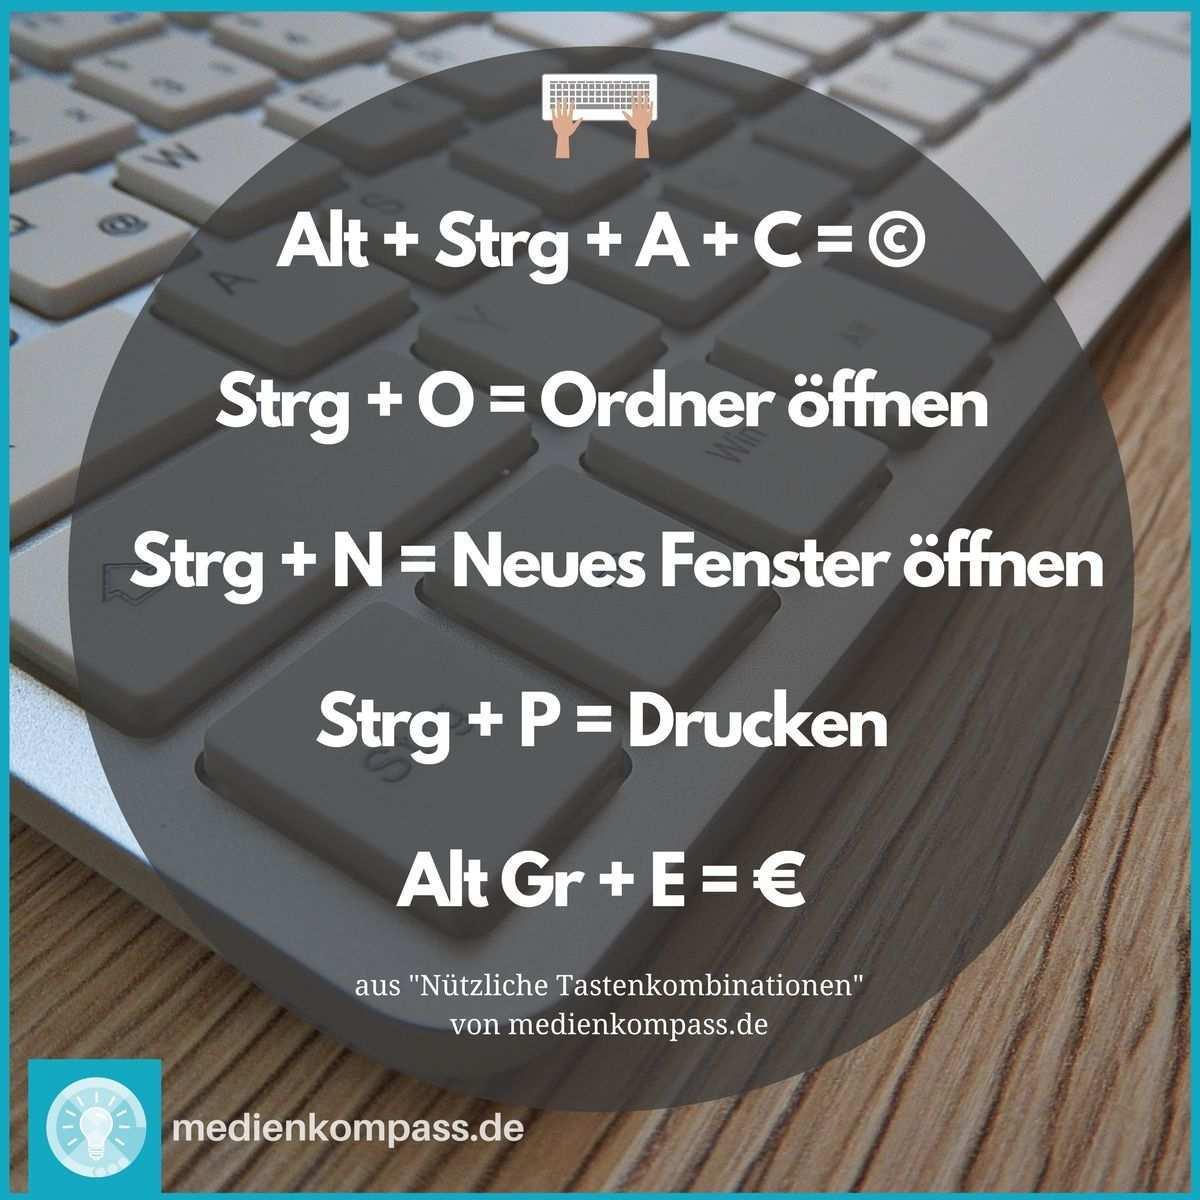 Als Tastenkombination Oder Neu Deutsch Shortcut Bezeichnet Man Das Gedruckthalten Bestimmter Tasten Um Einen Bef Excel Tipps Computer Tastatur Tastaturkurzel